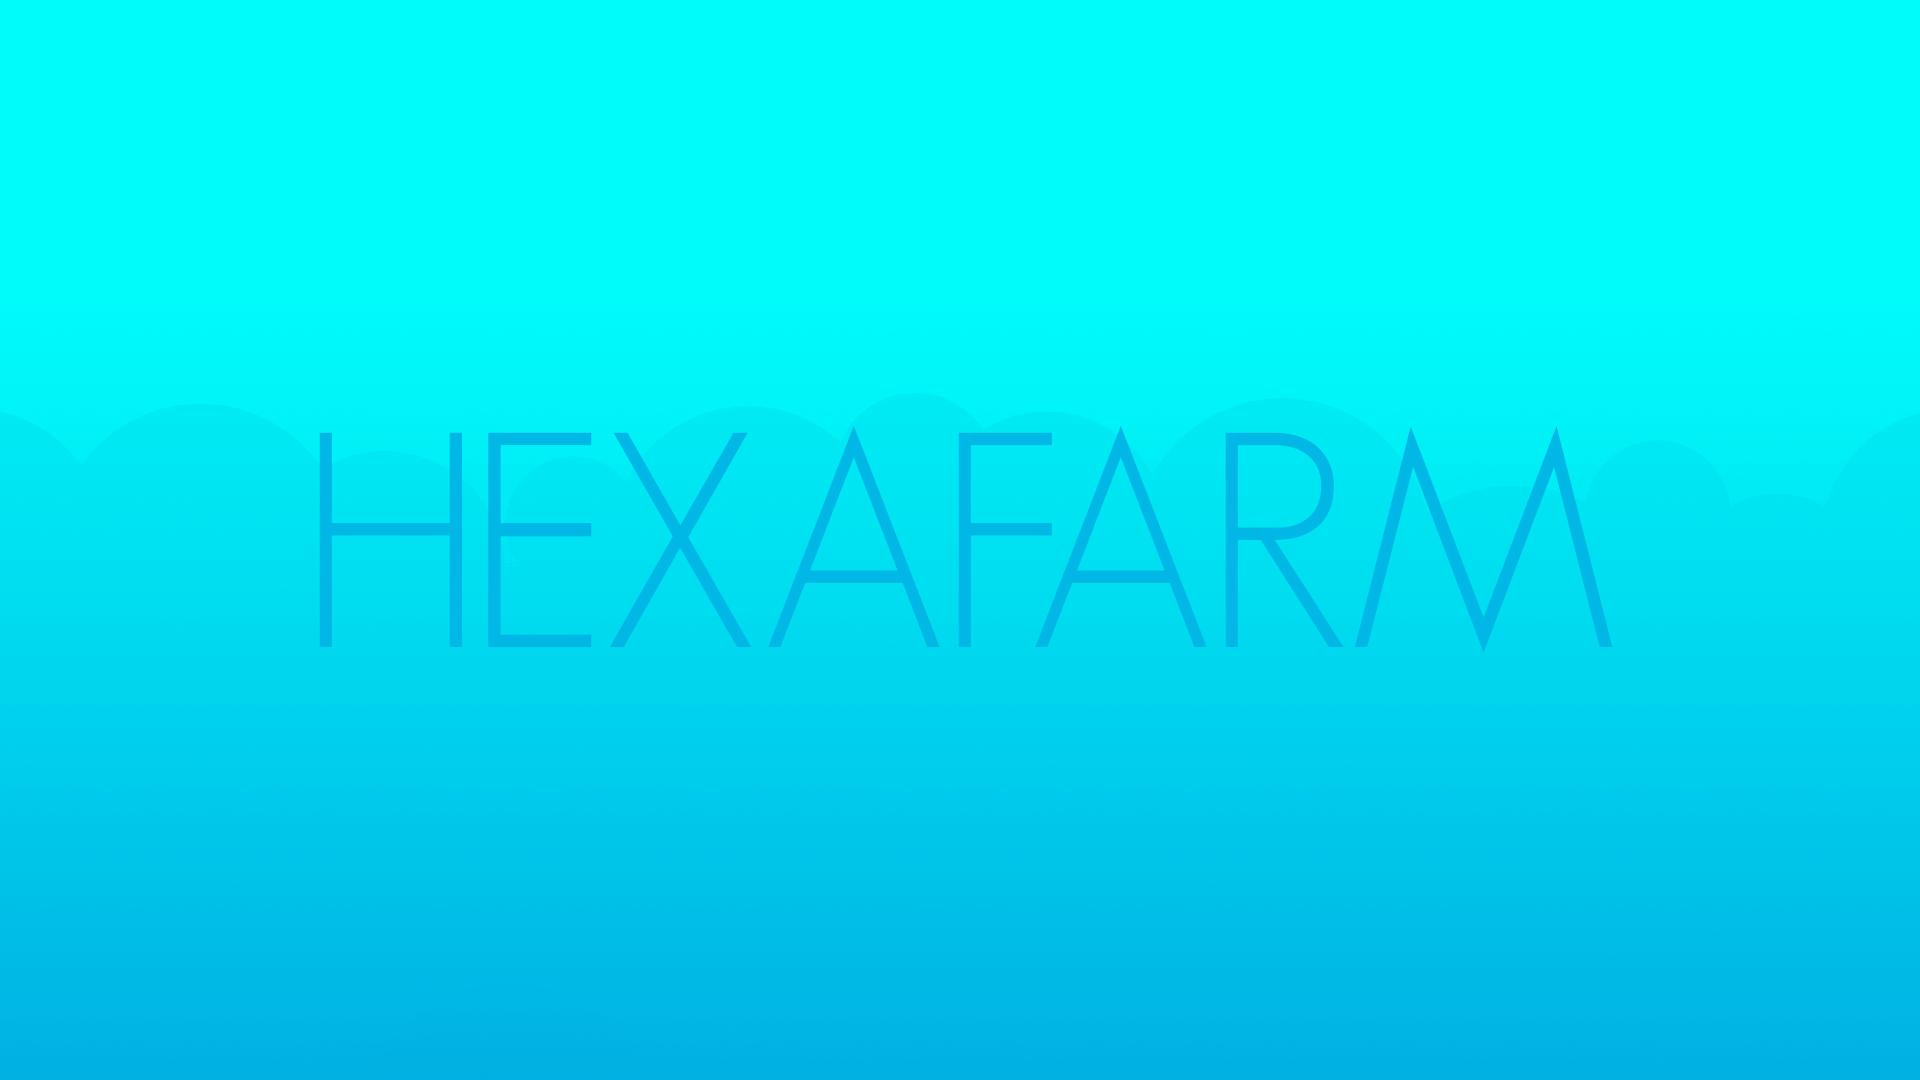 HEXAFARM